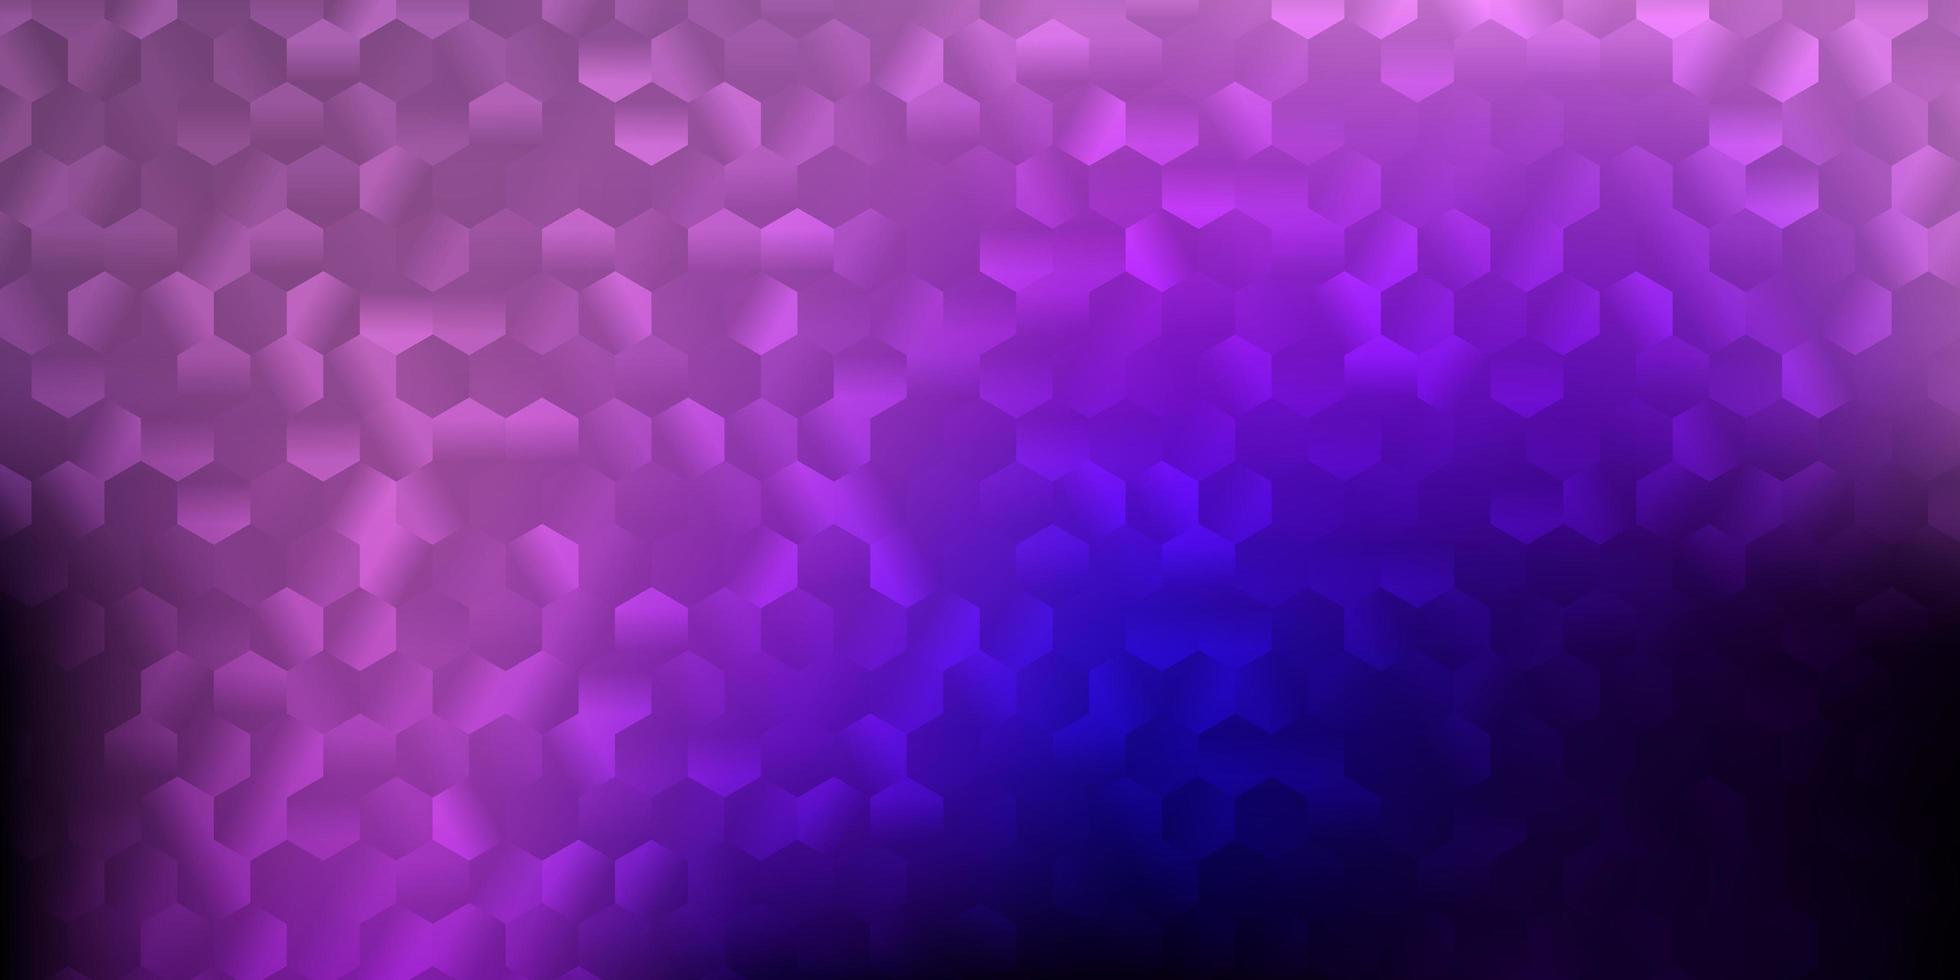 textura de vector púrpura oscuro, rosa con formas de memphis.